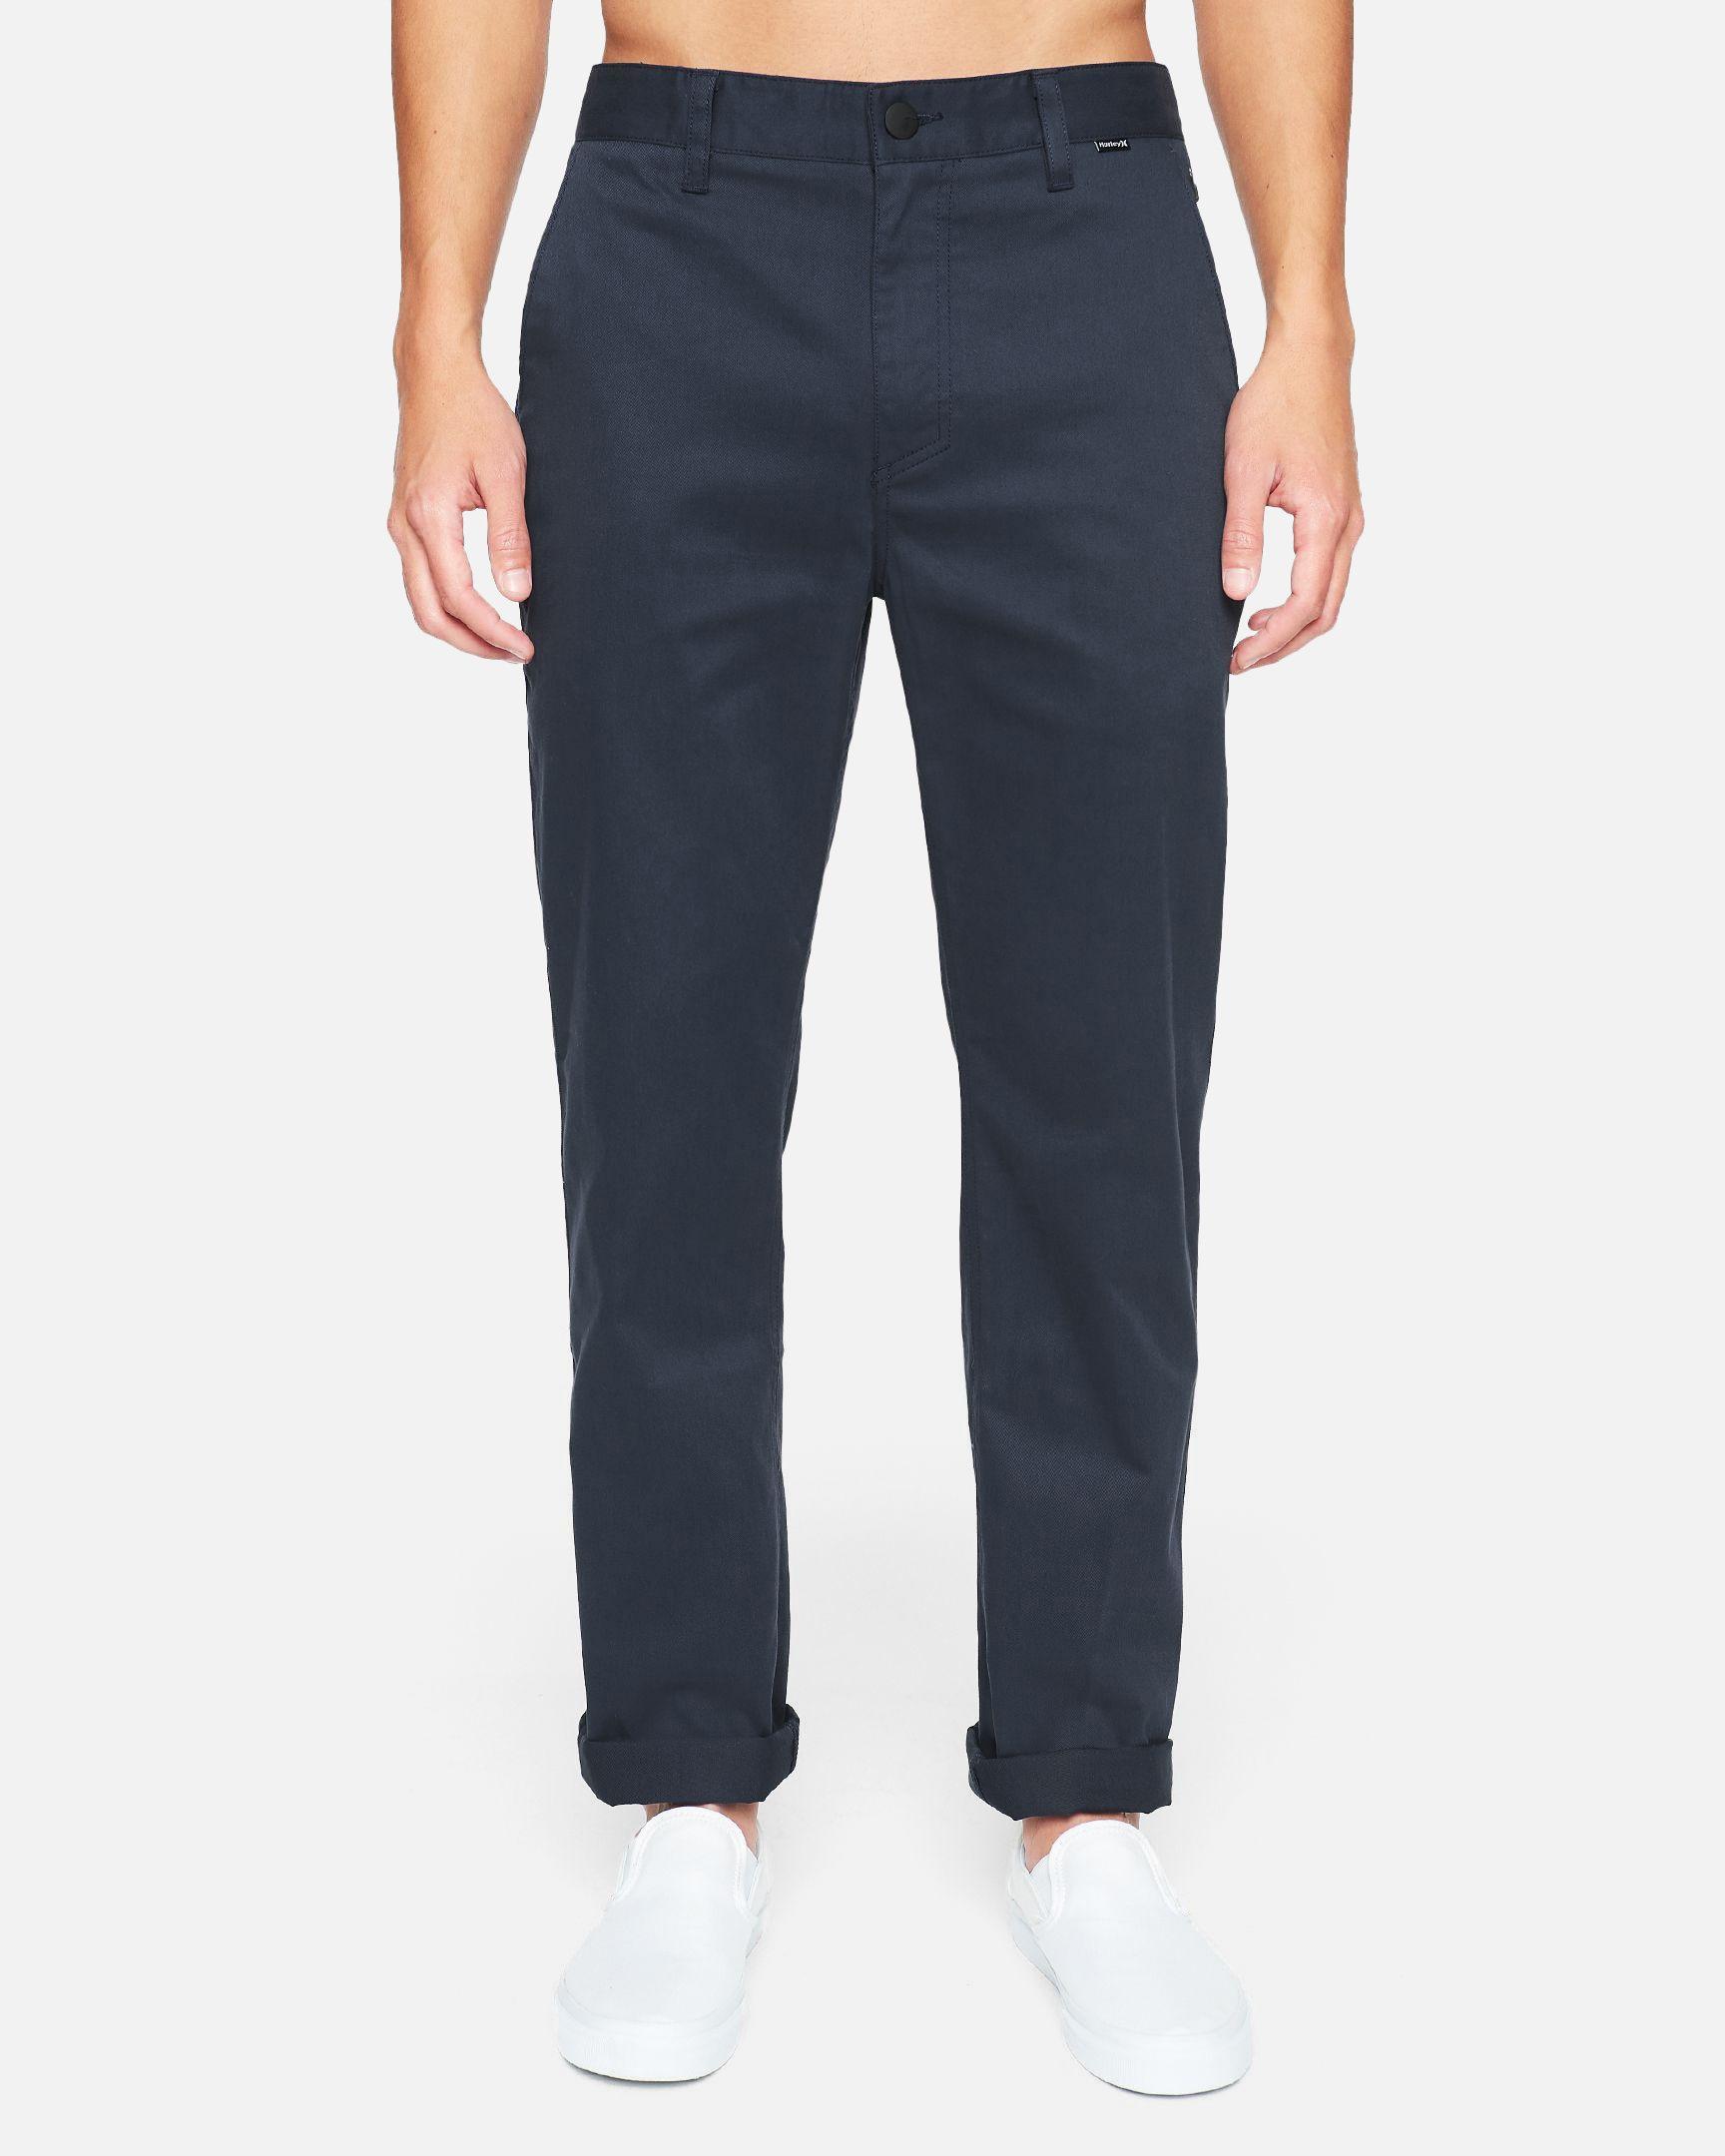 Men's Dri-Fit Worker Pants in Obsidian, Size 34